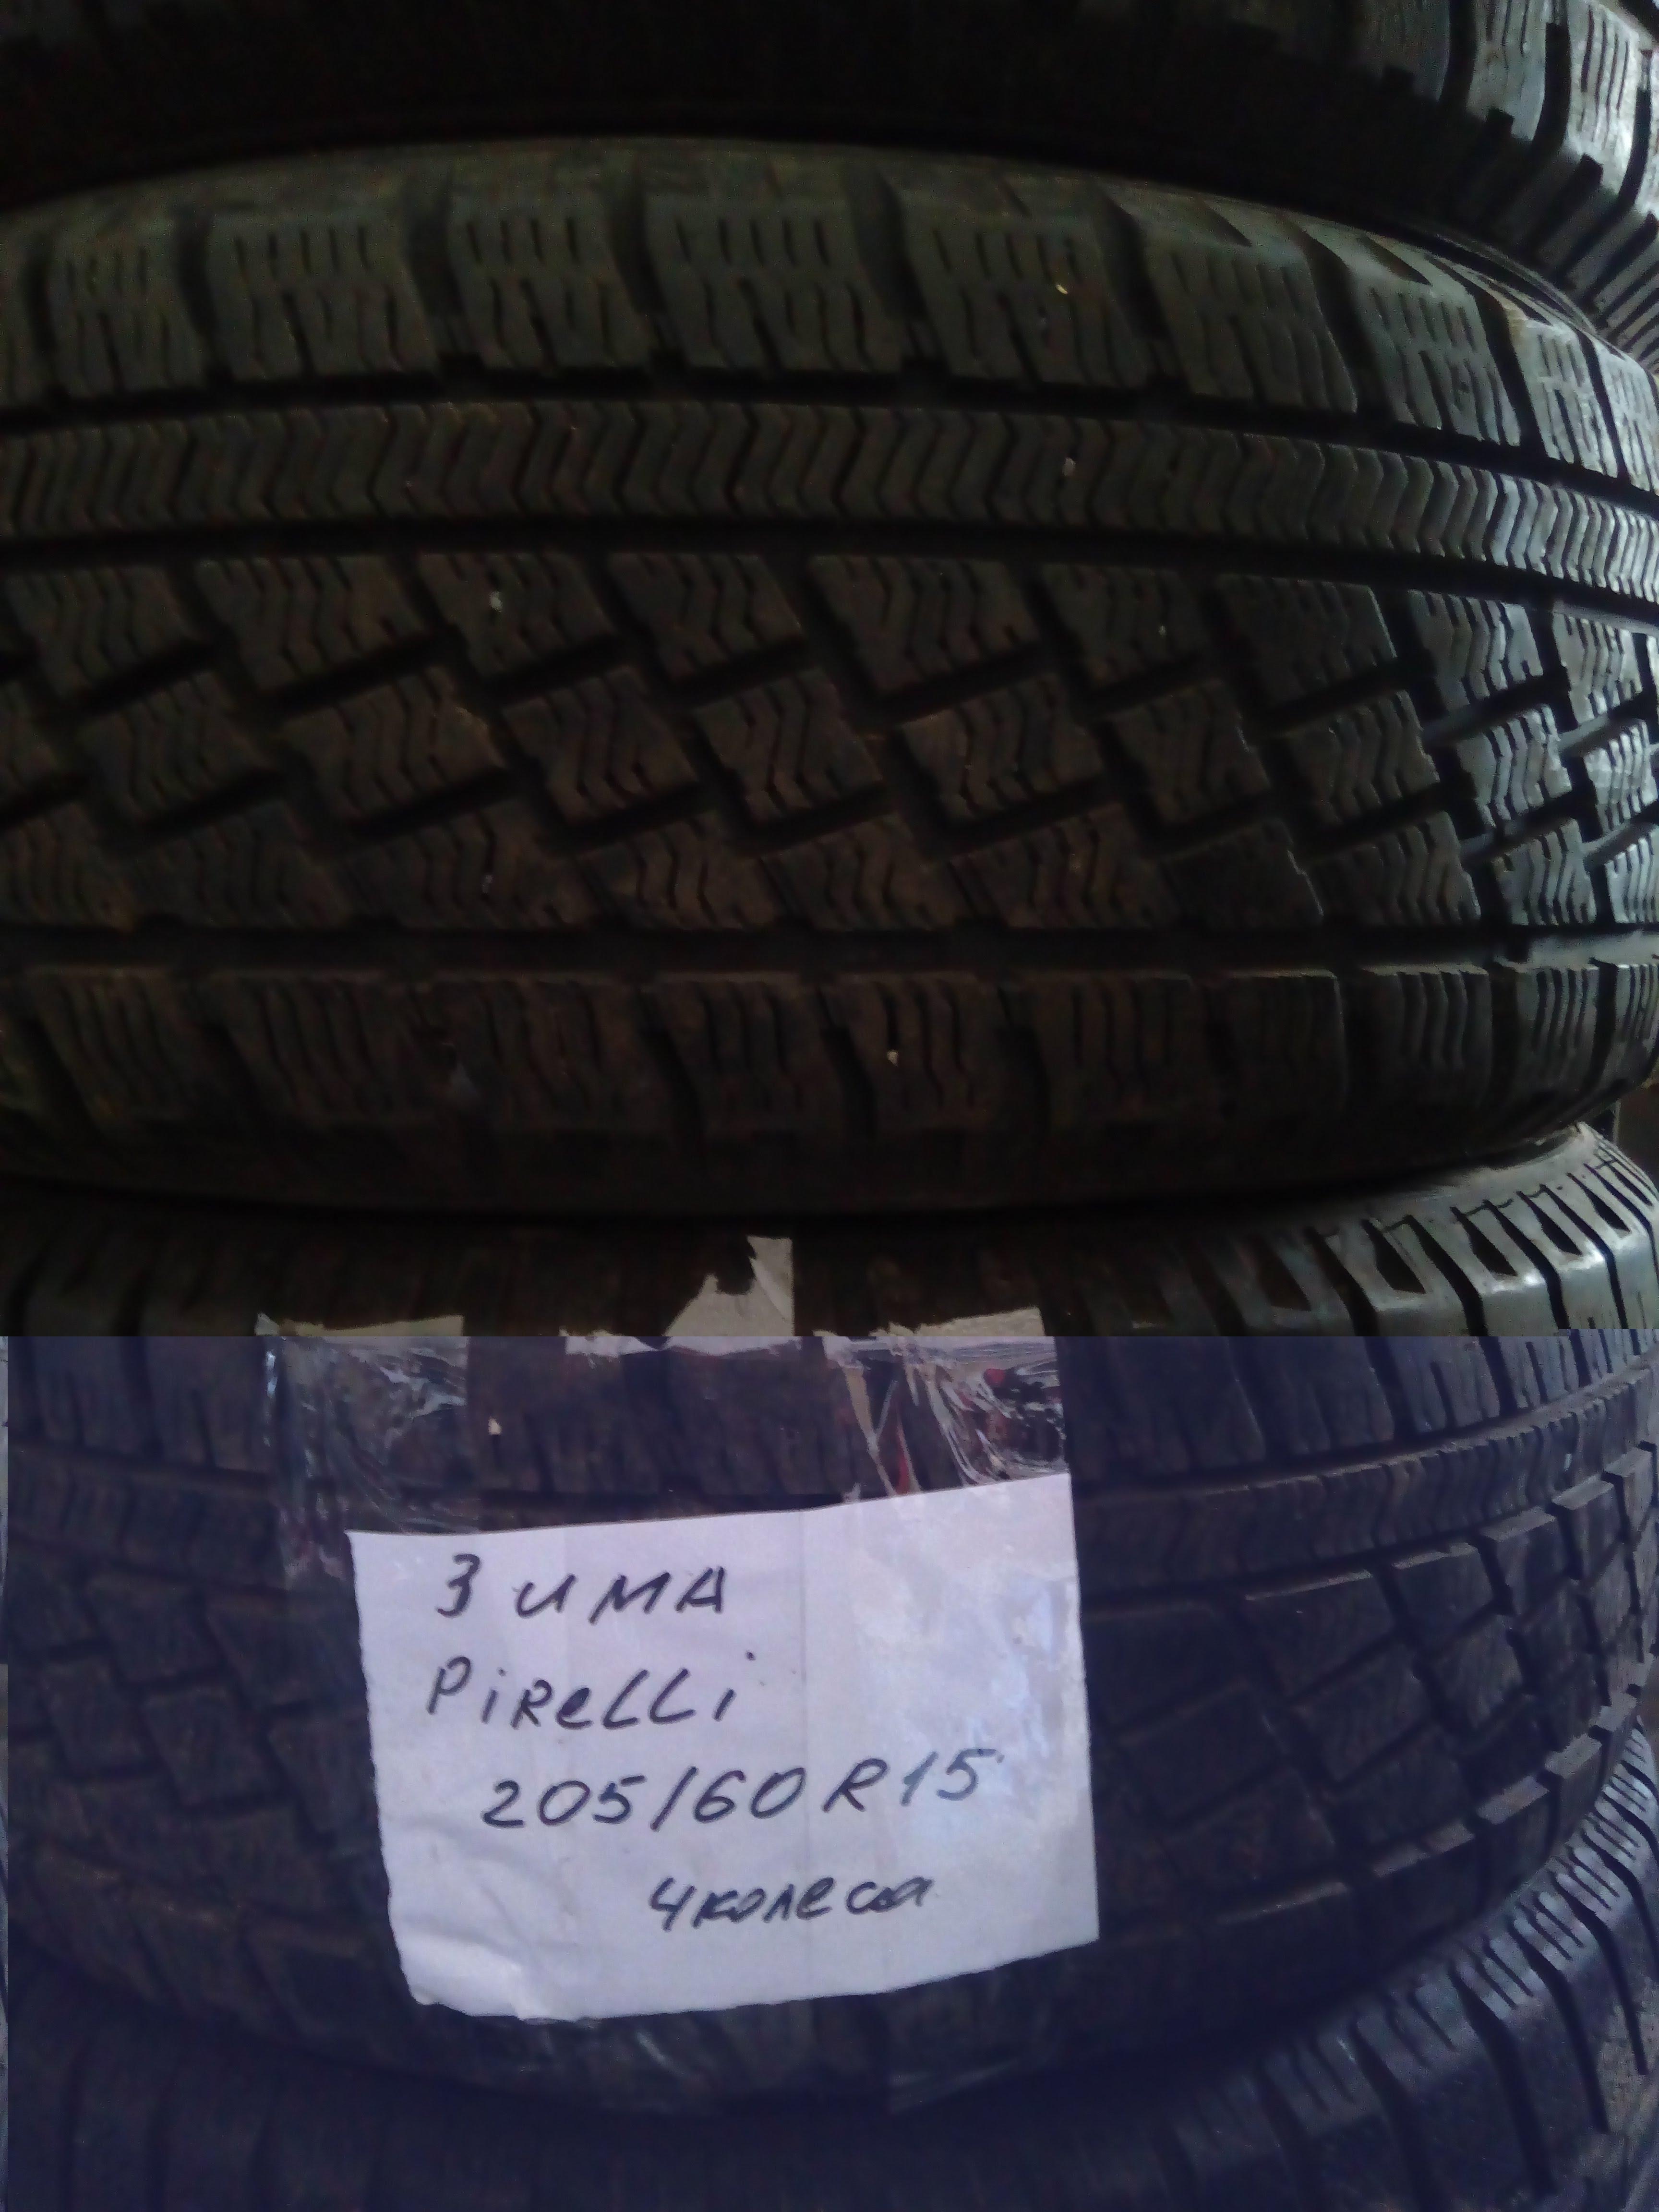 бу Киев Pirelli 205/60 r15 4 шт зима